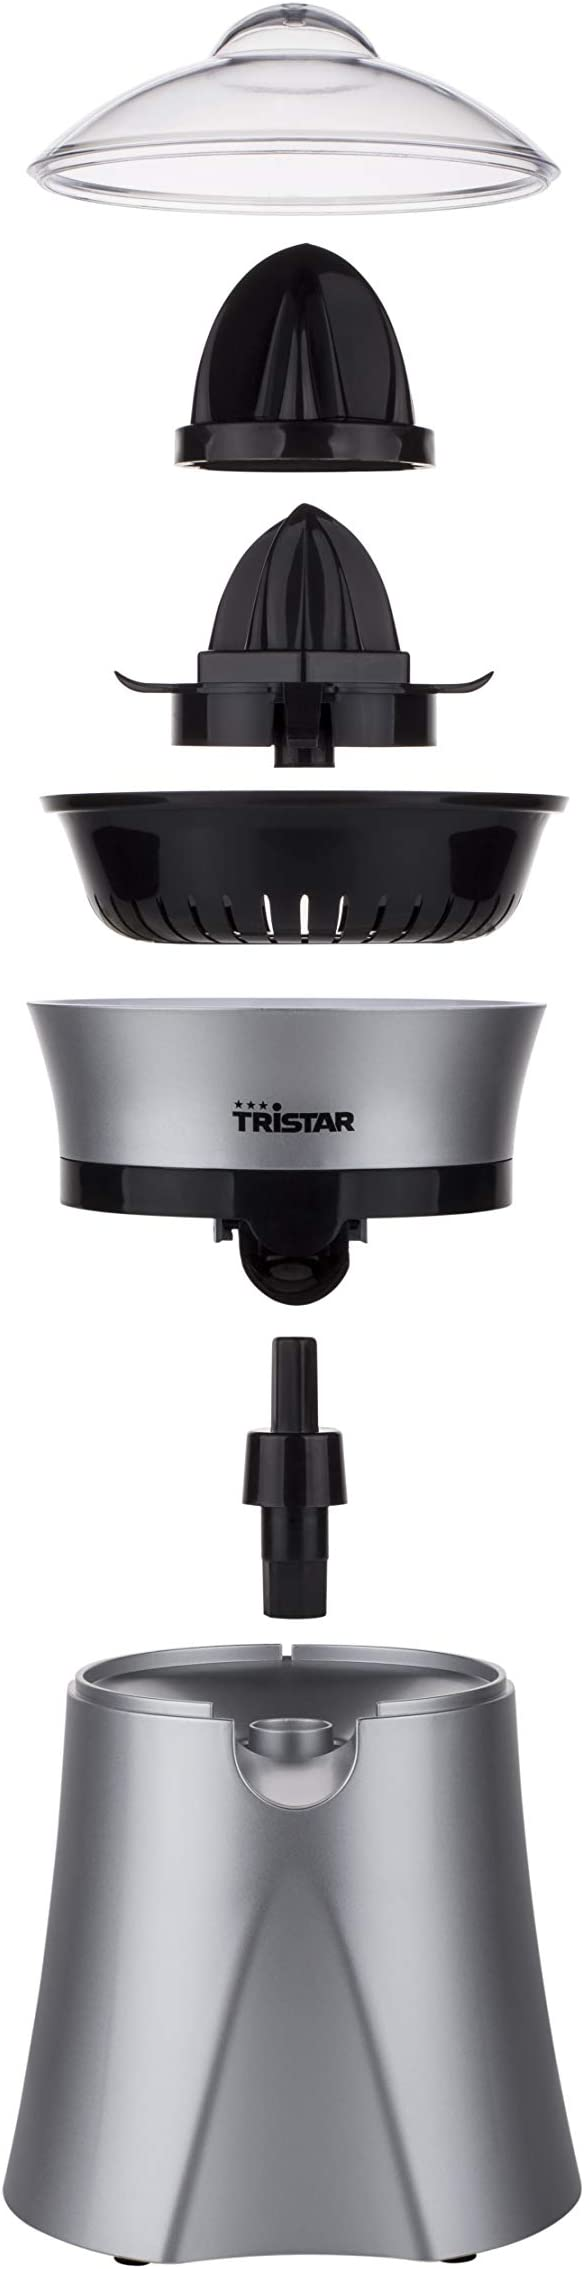 Exprimidor Tristar CP-2262 – Tapa transparente incluida – Dos conos de prensado: Amazon.es: Hogar